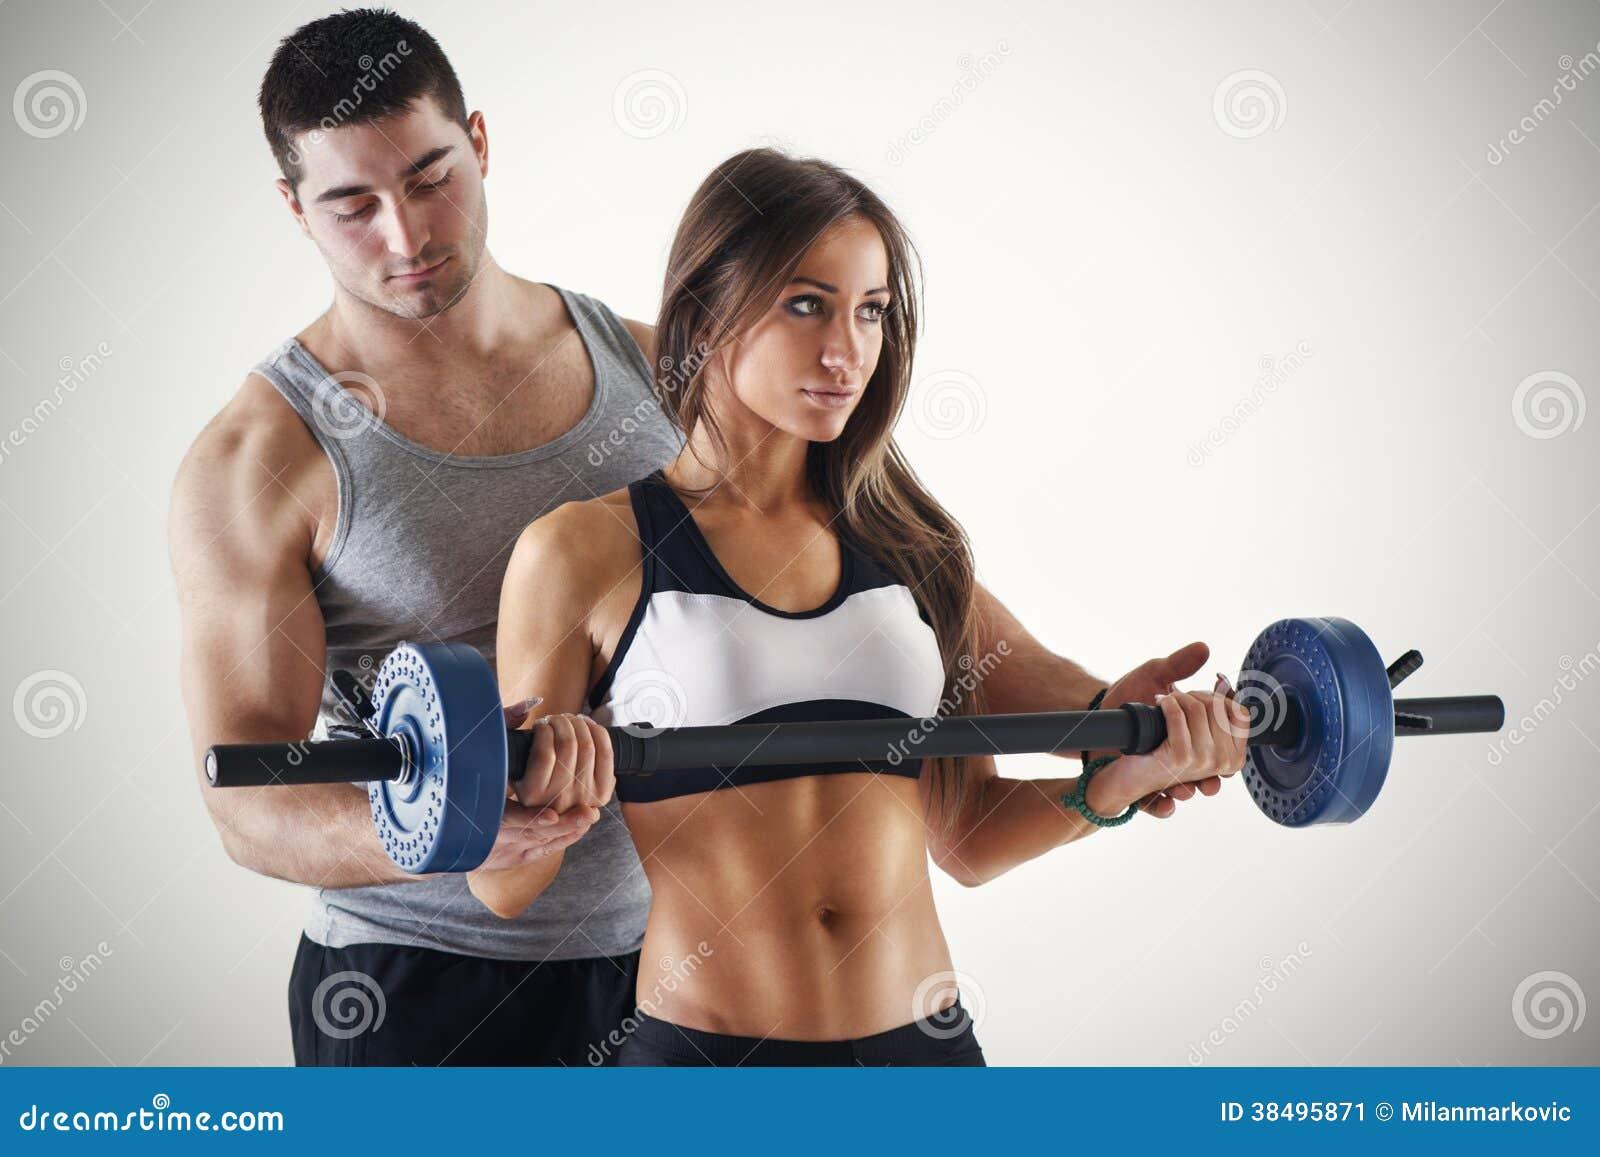 Сколько стоит персональная тренировка по фитнесу 18 фотография